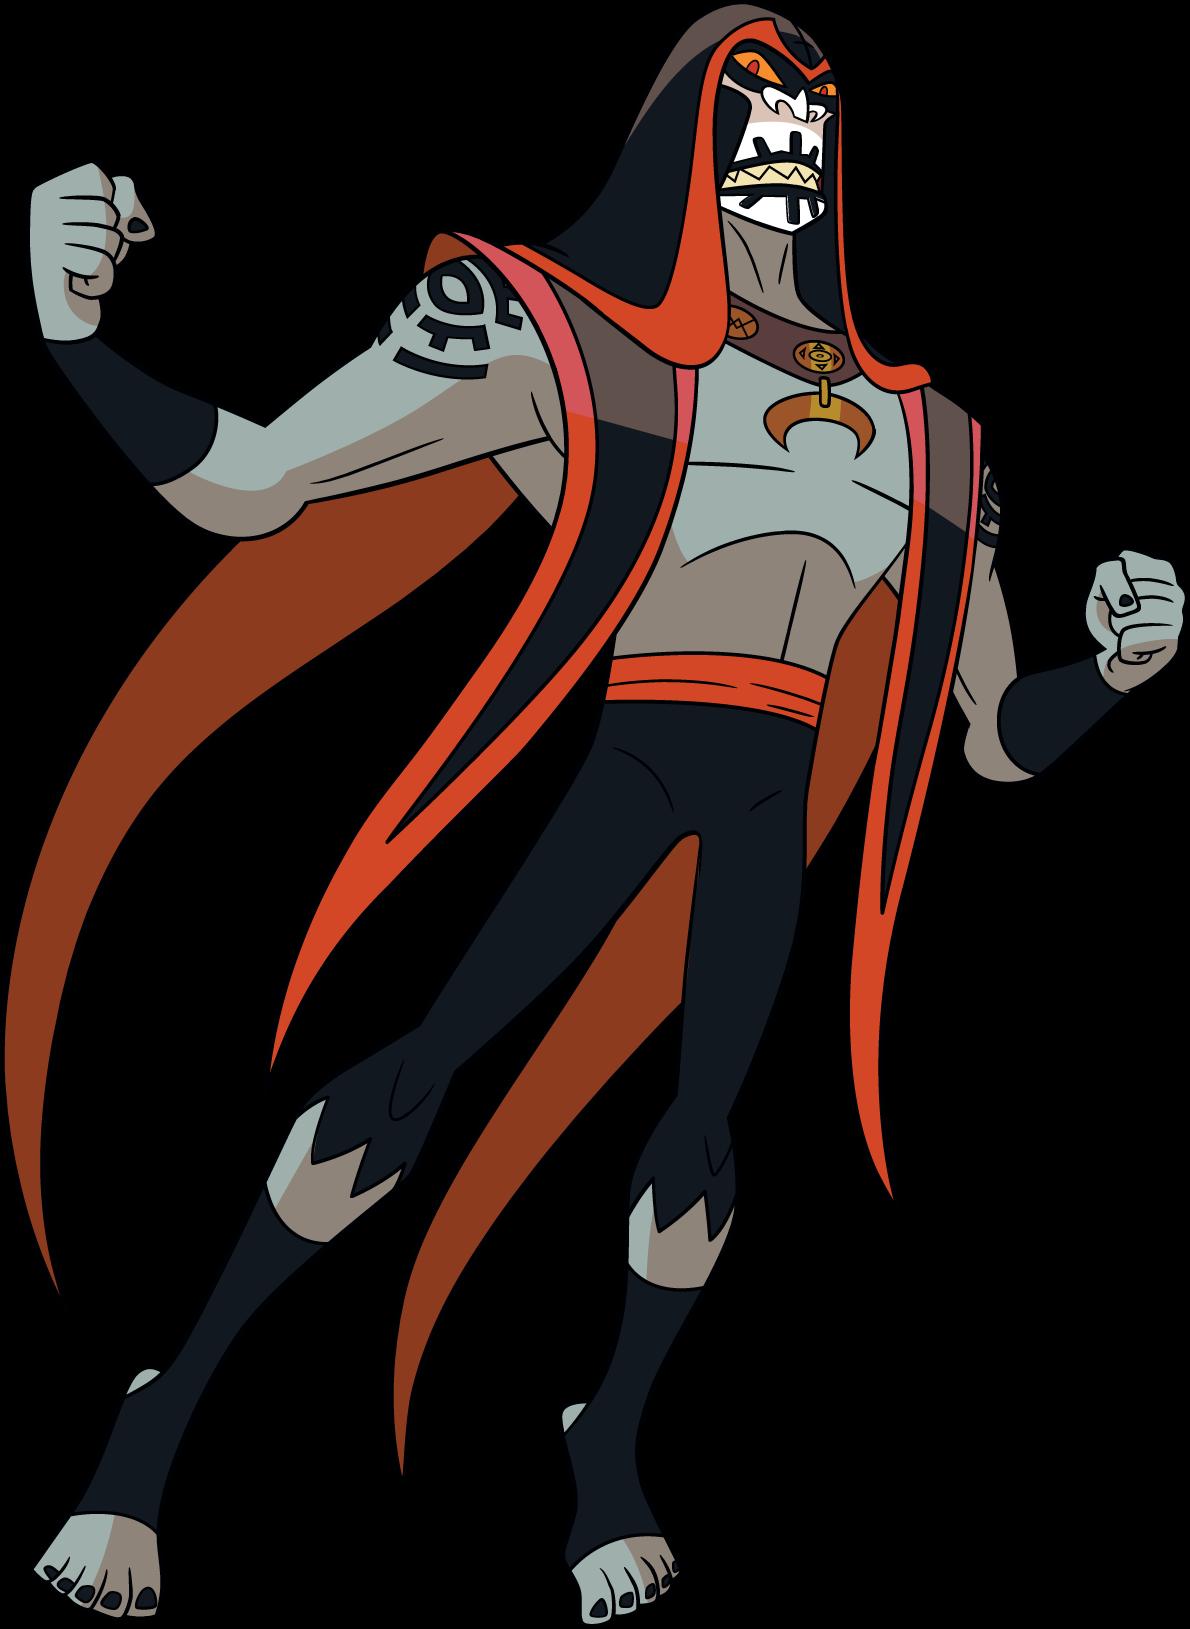 Hex (Ben 10) | Villains Wiki | FANDOM powered by Wikia